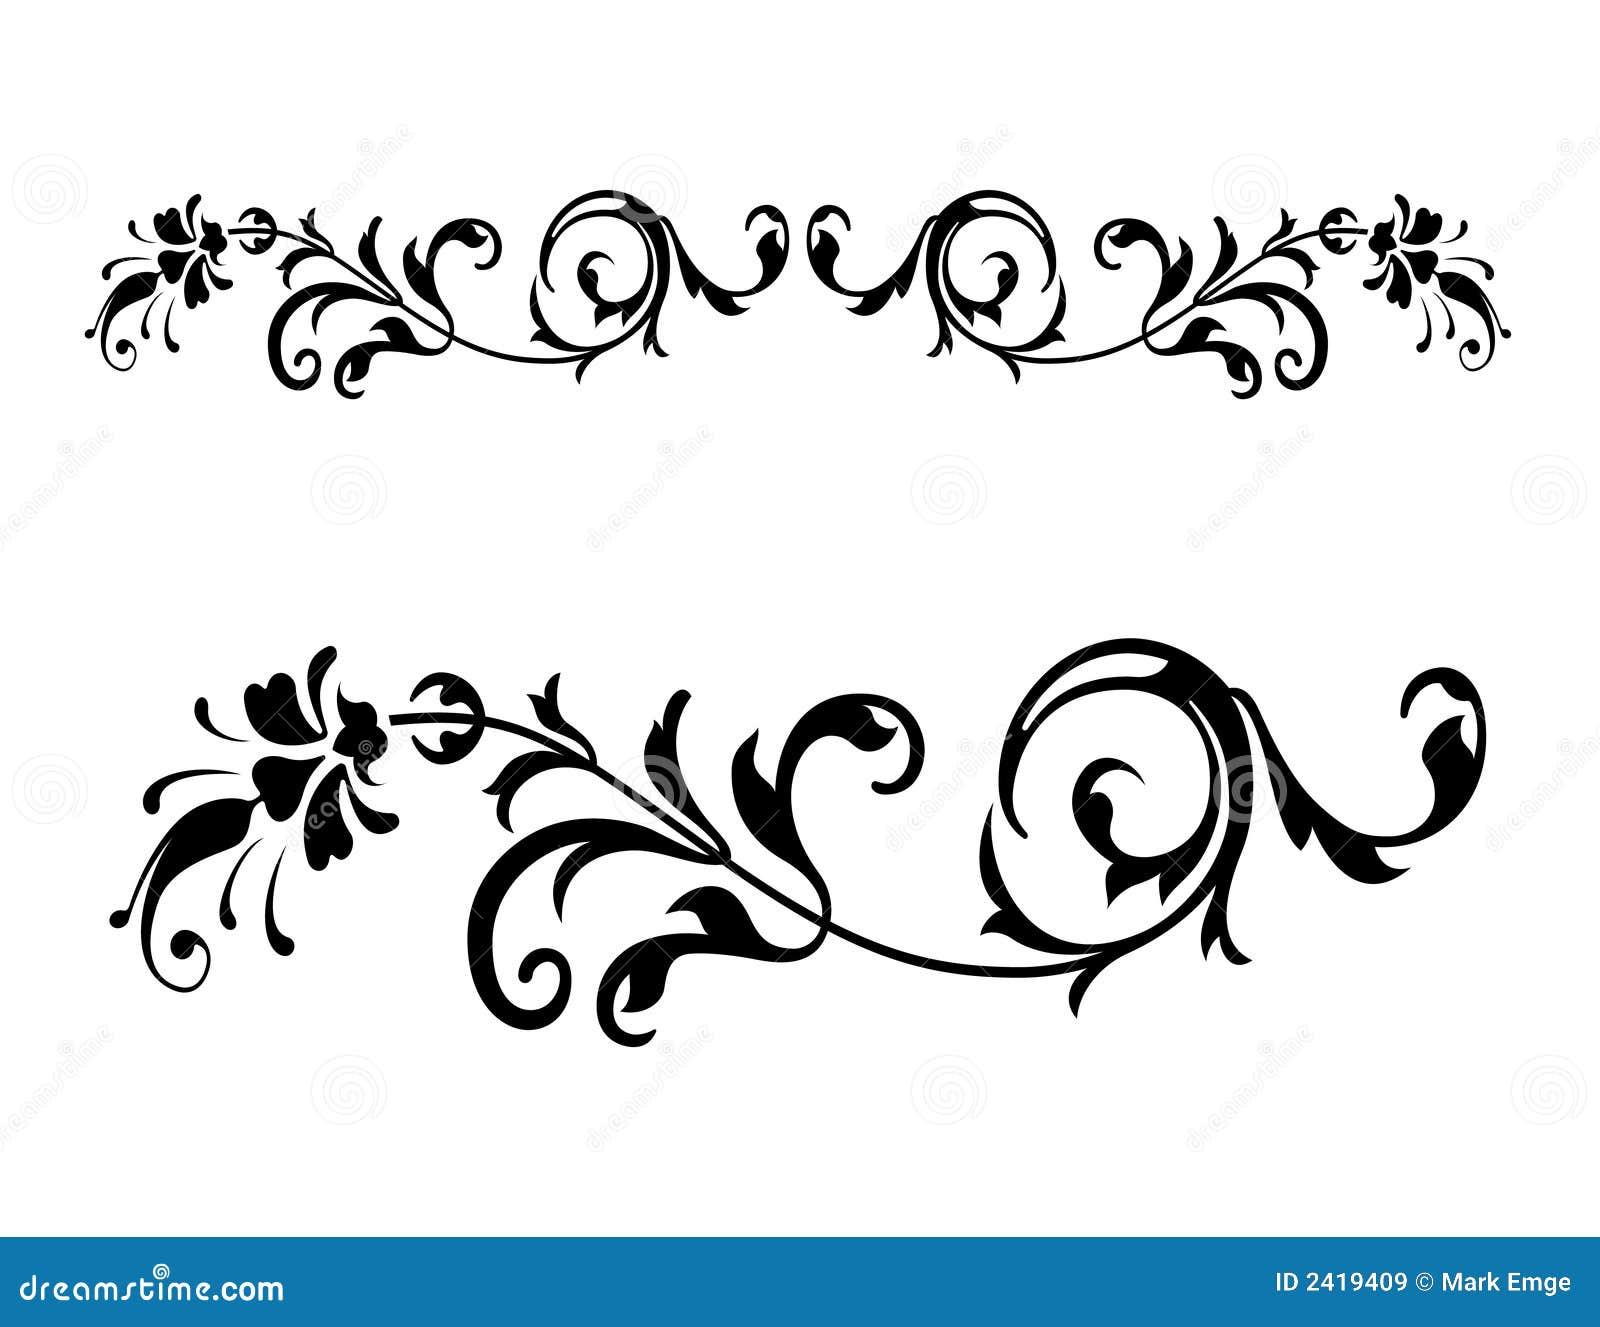 Line Art Text : Vetor floral do renascimento ilustração